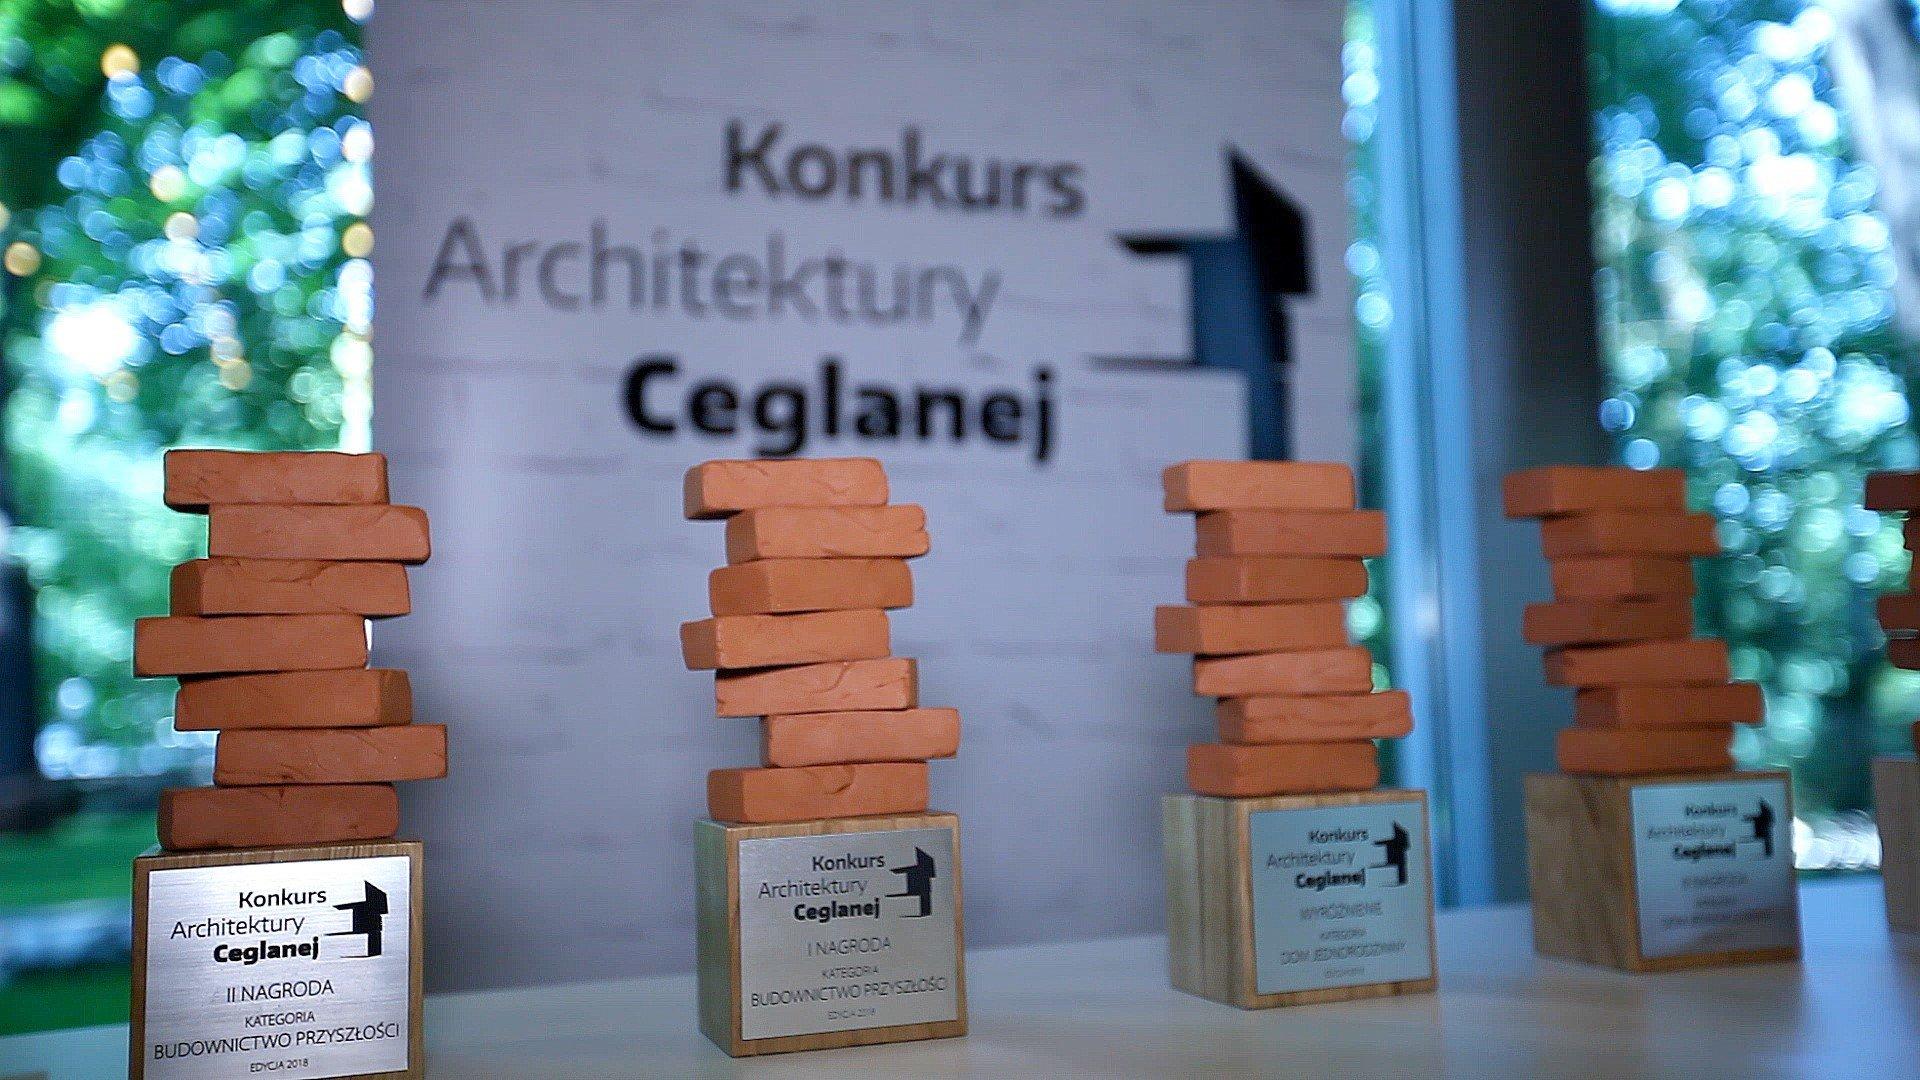 Konkurs Architektury Ceglanej – przyszłość ceglanych elewacji